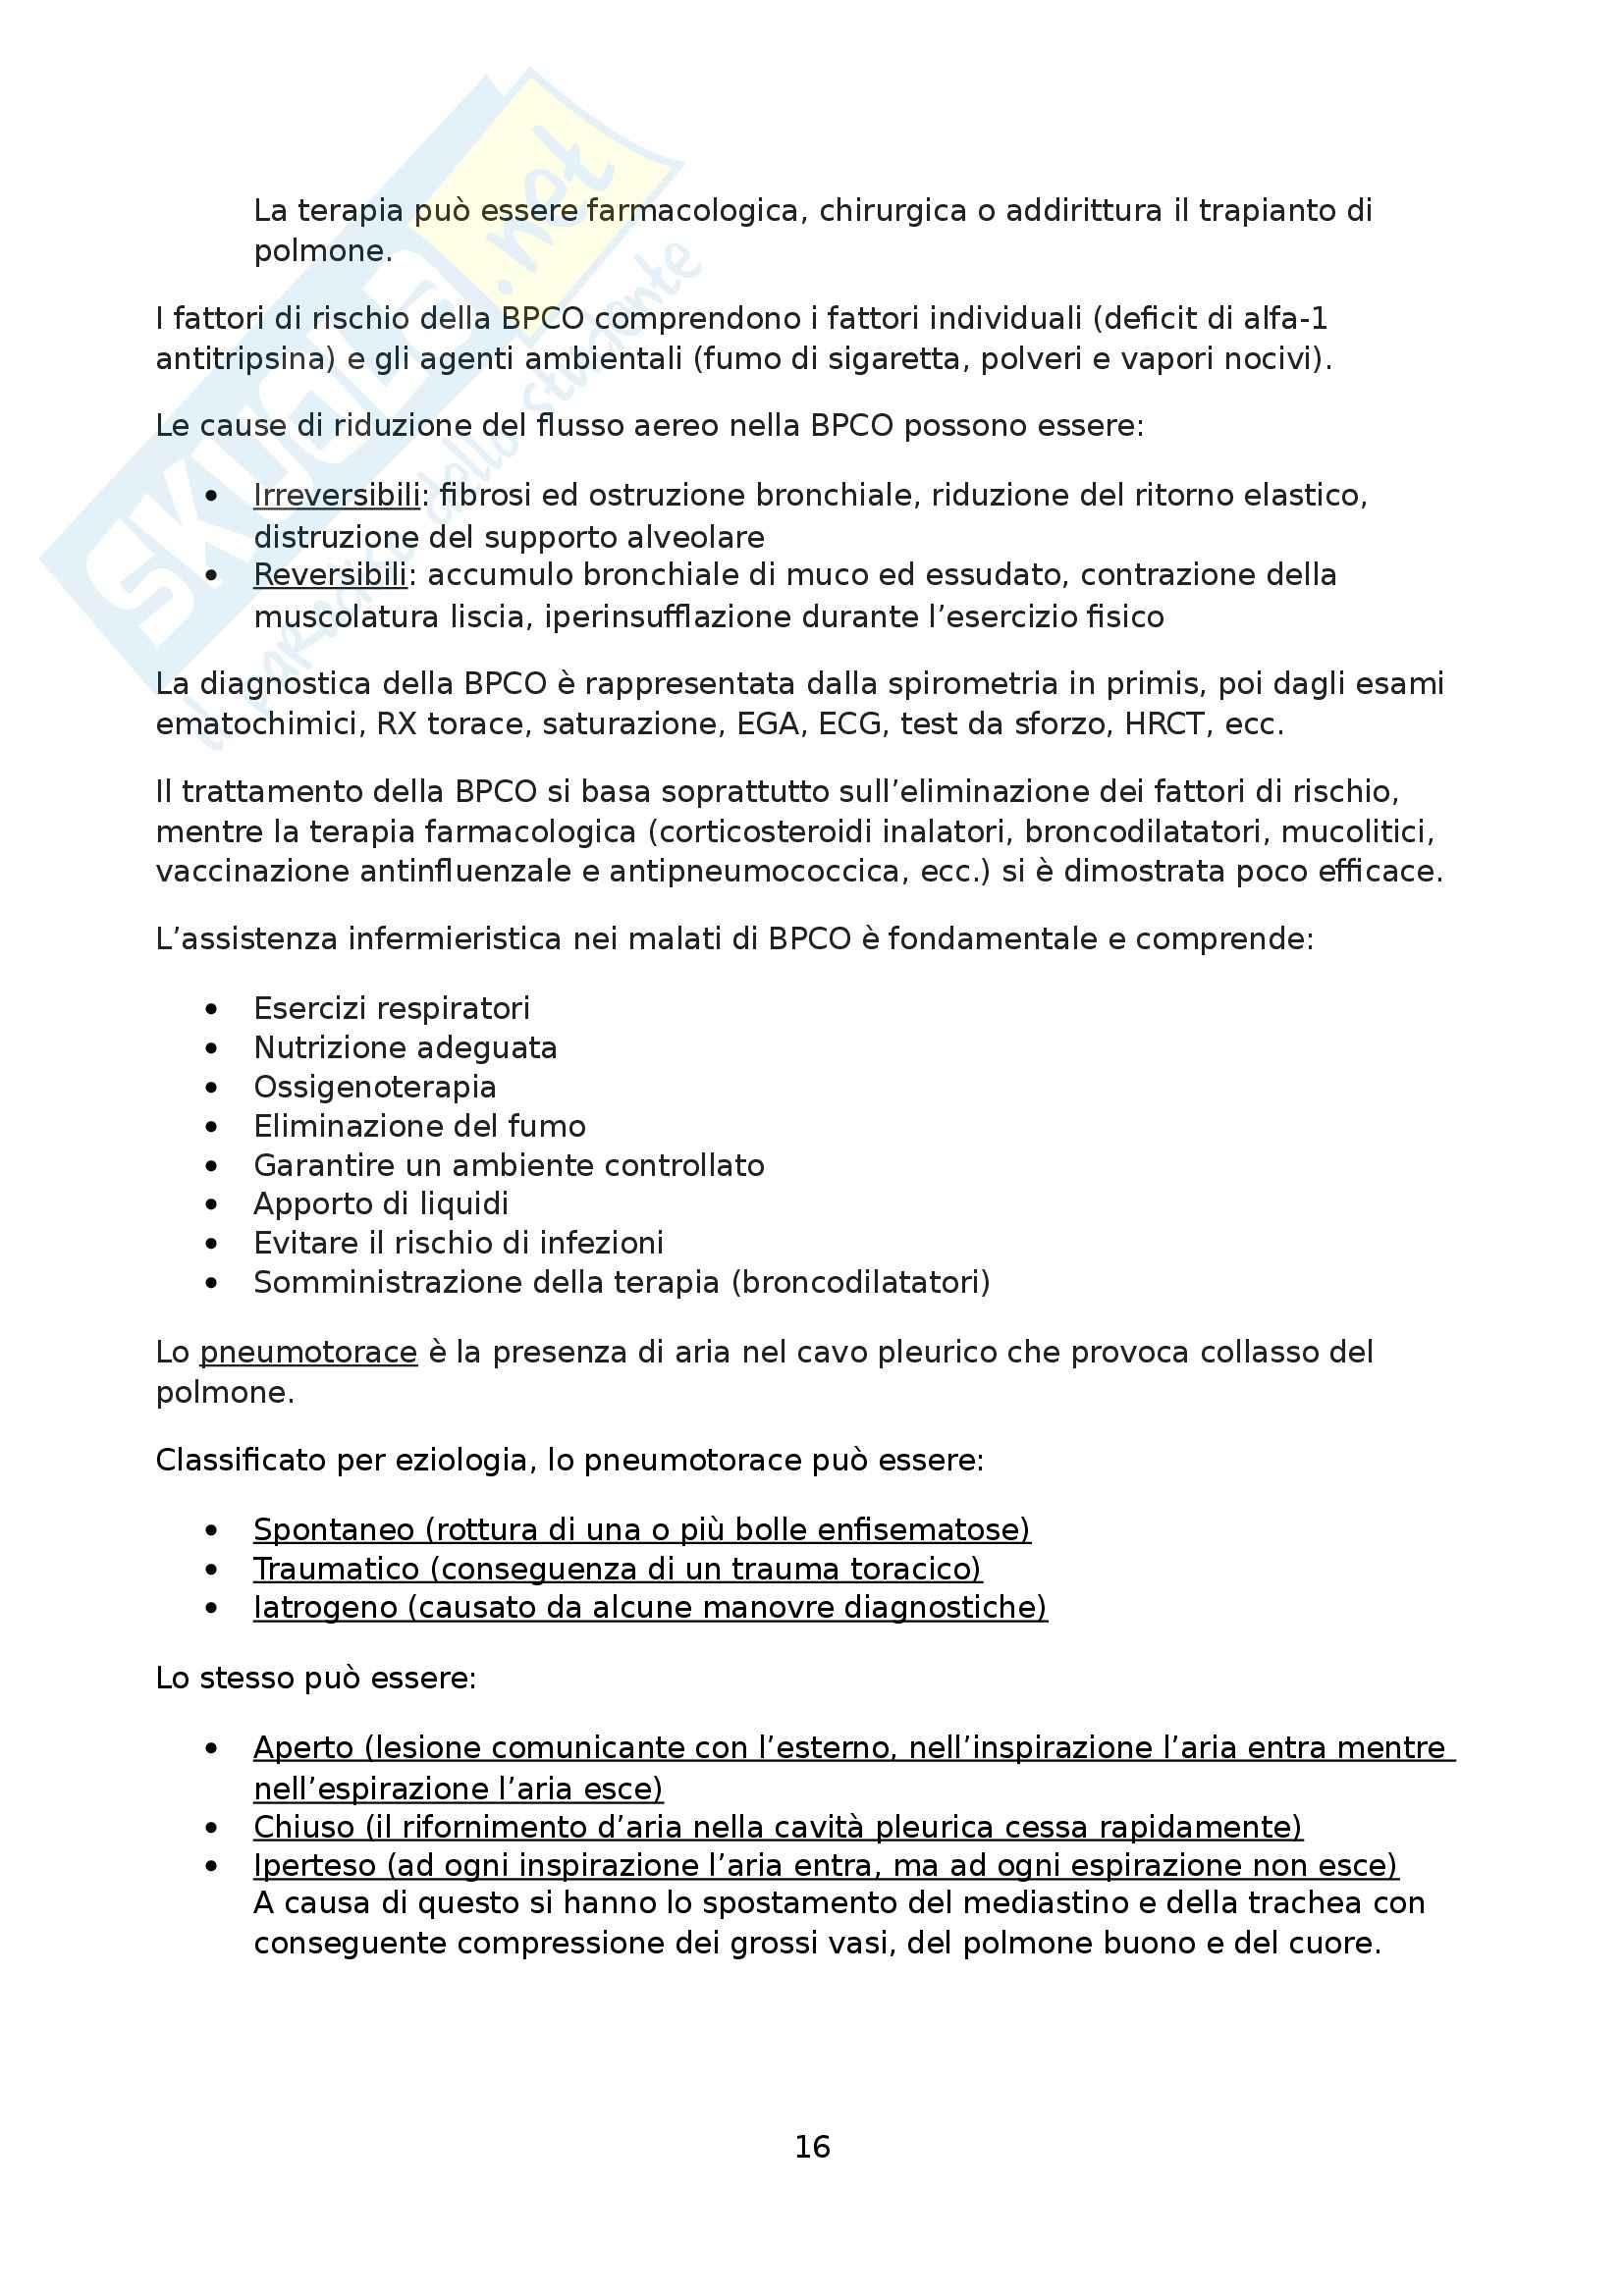 Medicina interna - infermieristica medica Pag. 16